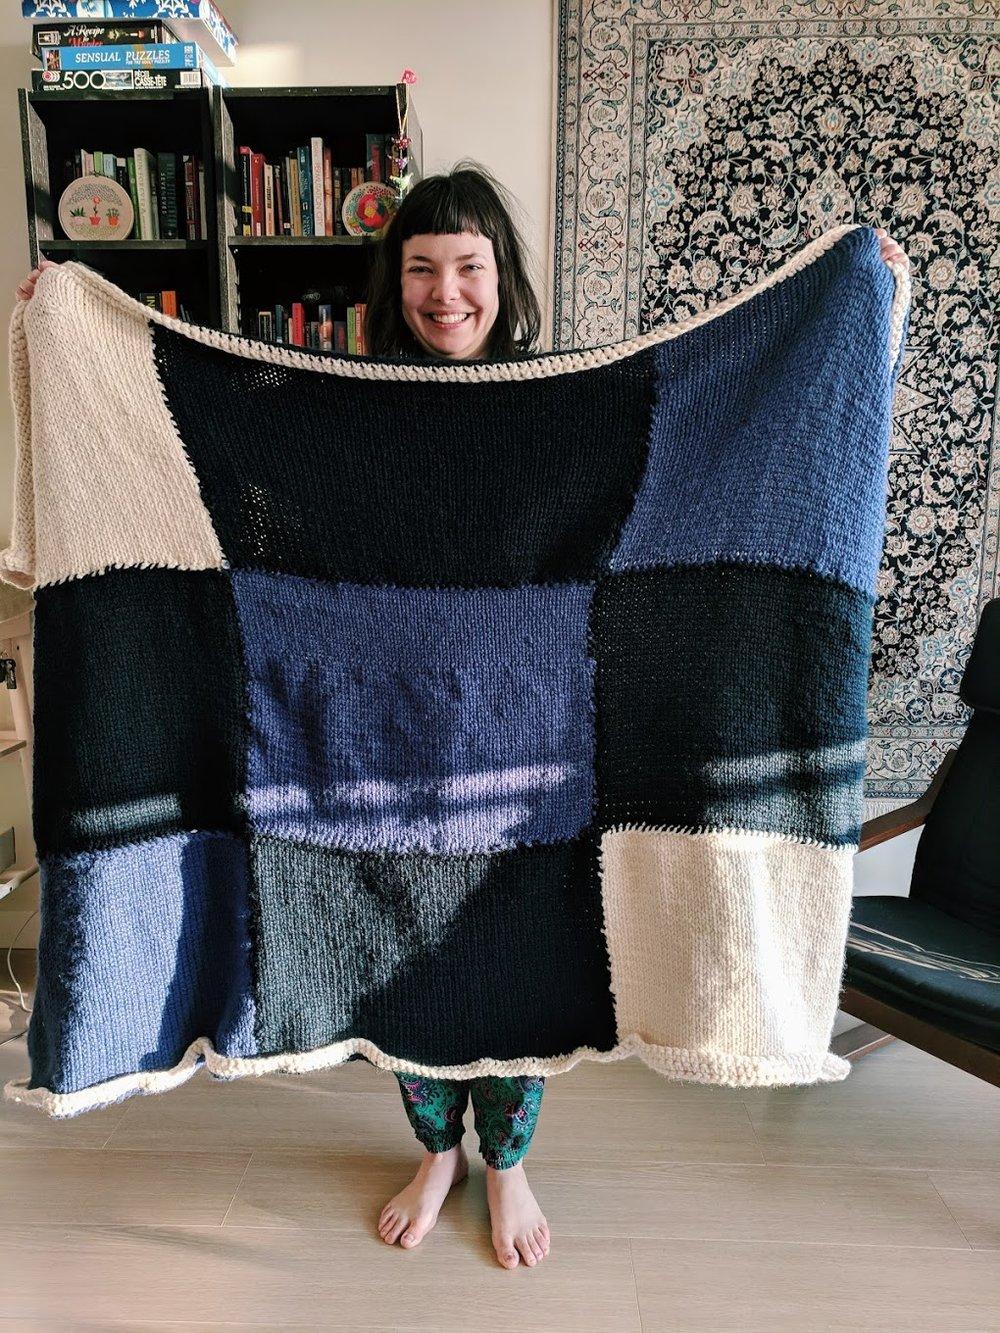 holding block knit blanket.jpg